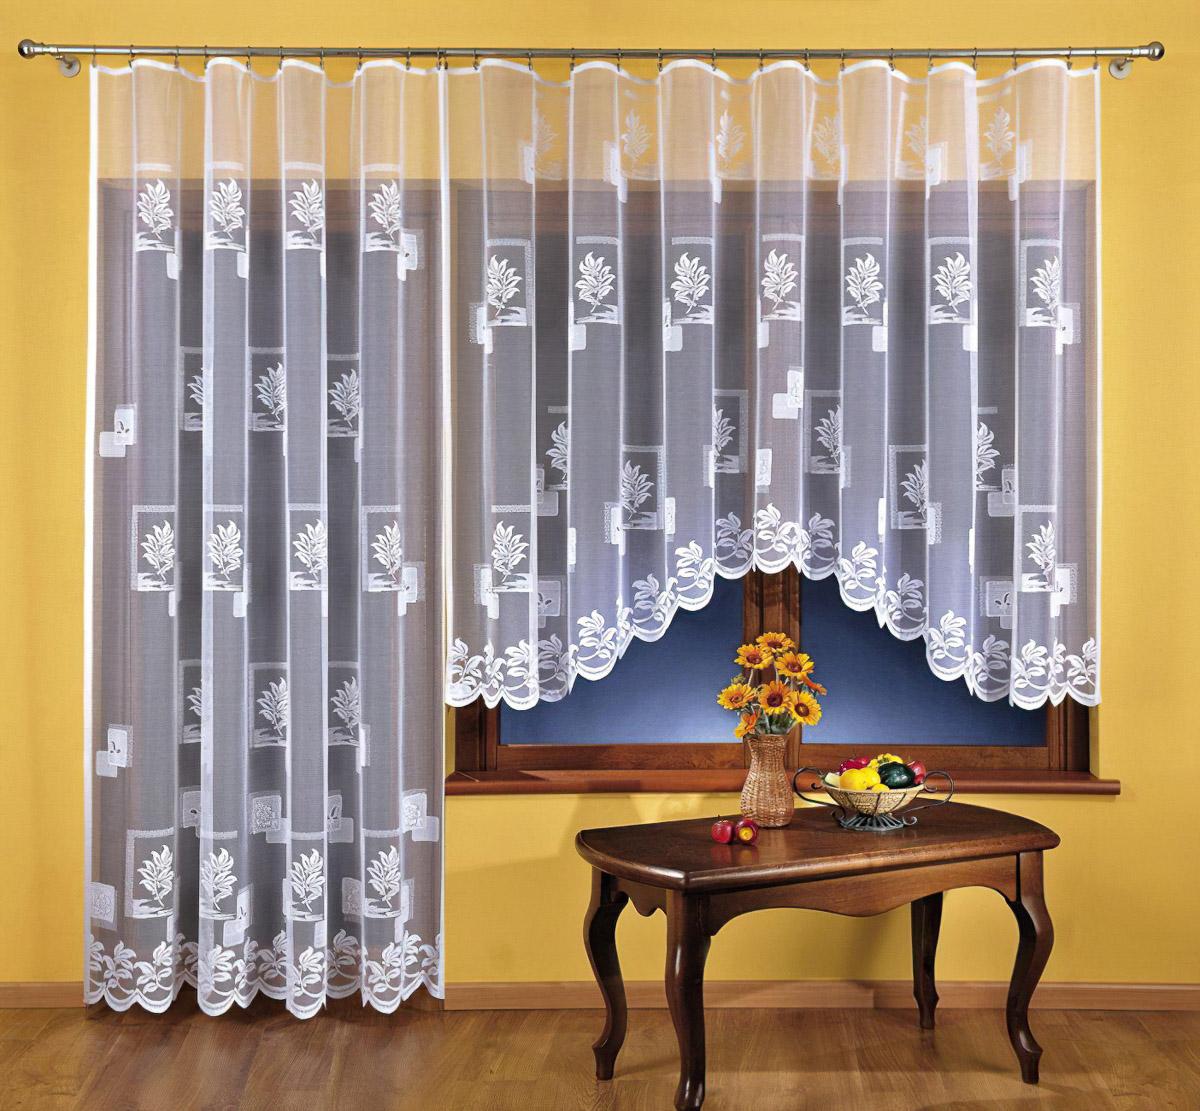 Forbyt kusová záclona SABINA BÍLÁ jednobarevná bílá, výška 150 cm x šířka 300 cm (na okno)